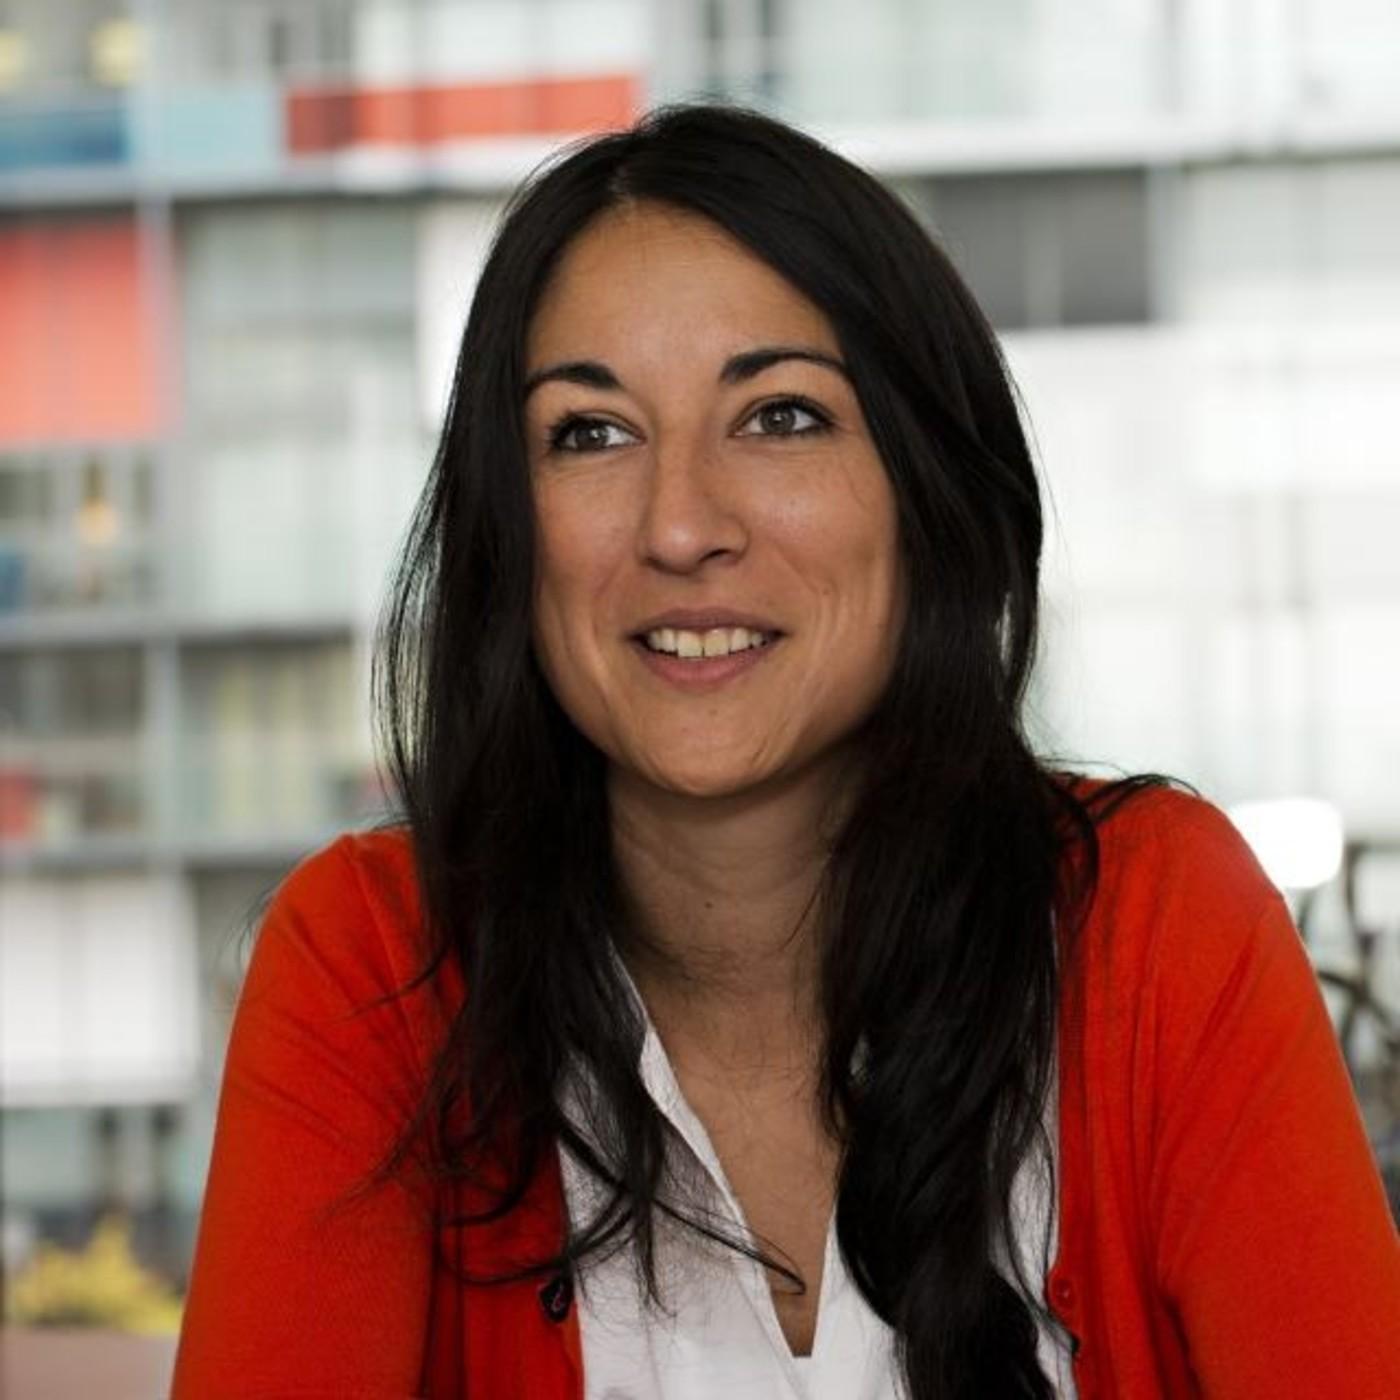 Corona Diary with Helen Harvey from Co-vida, by BCN Més